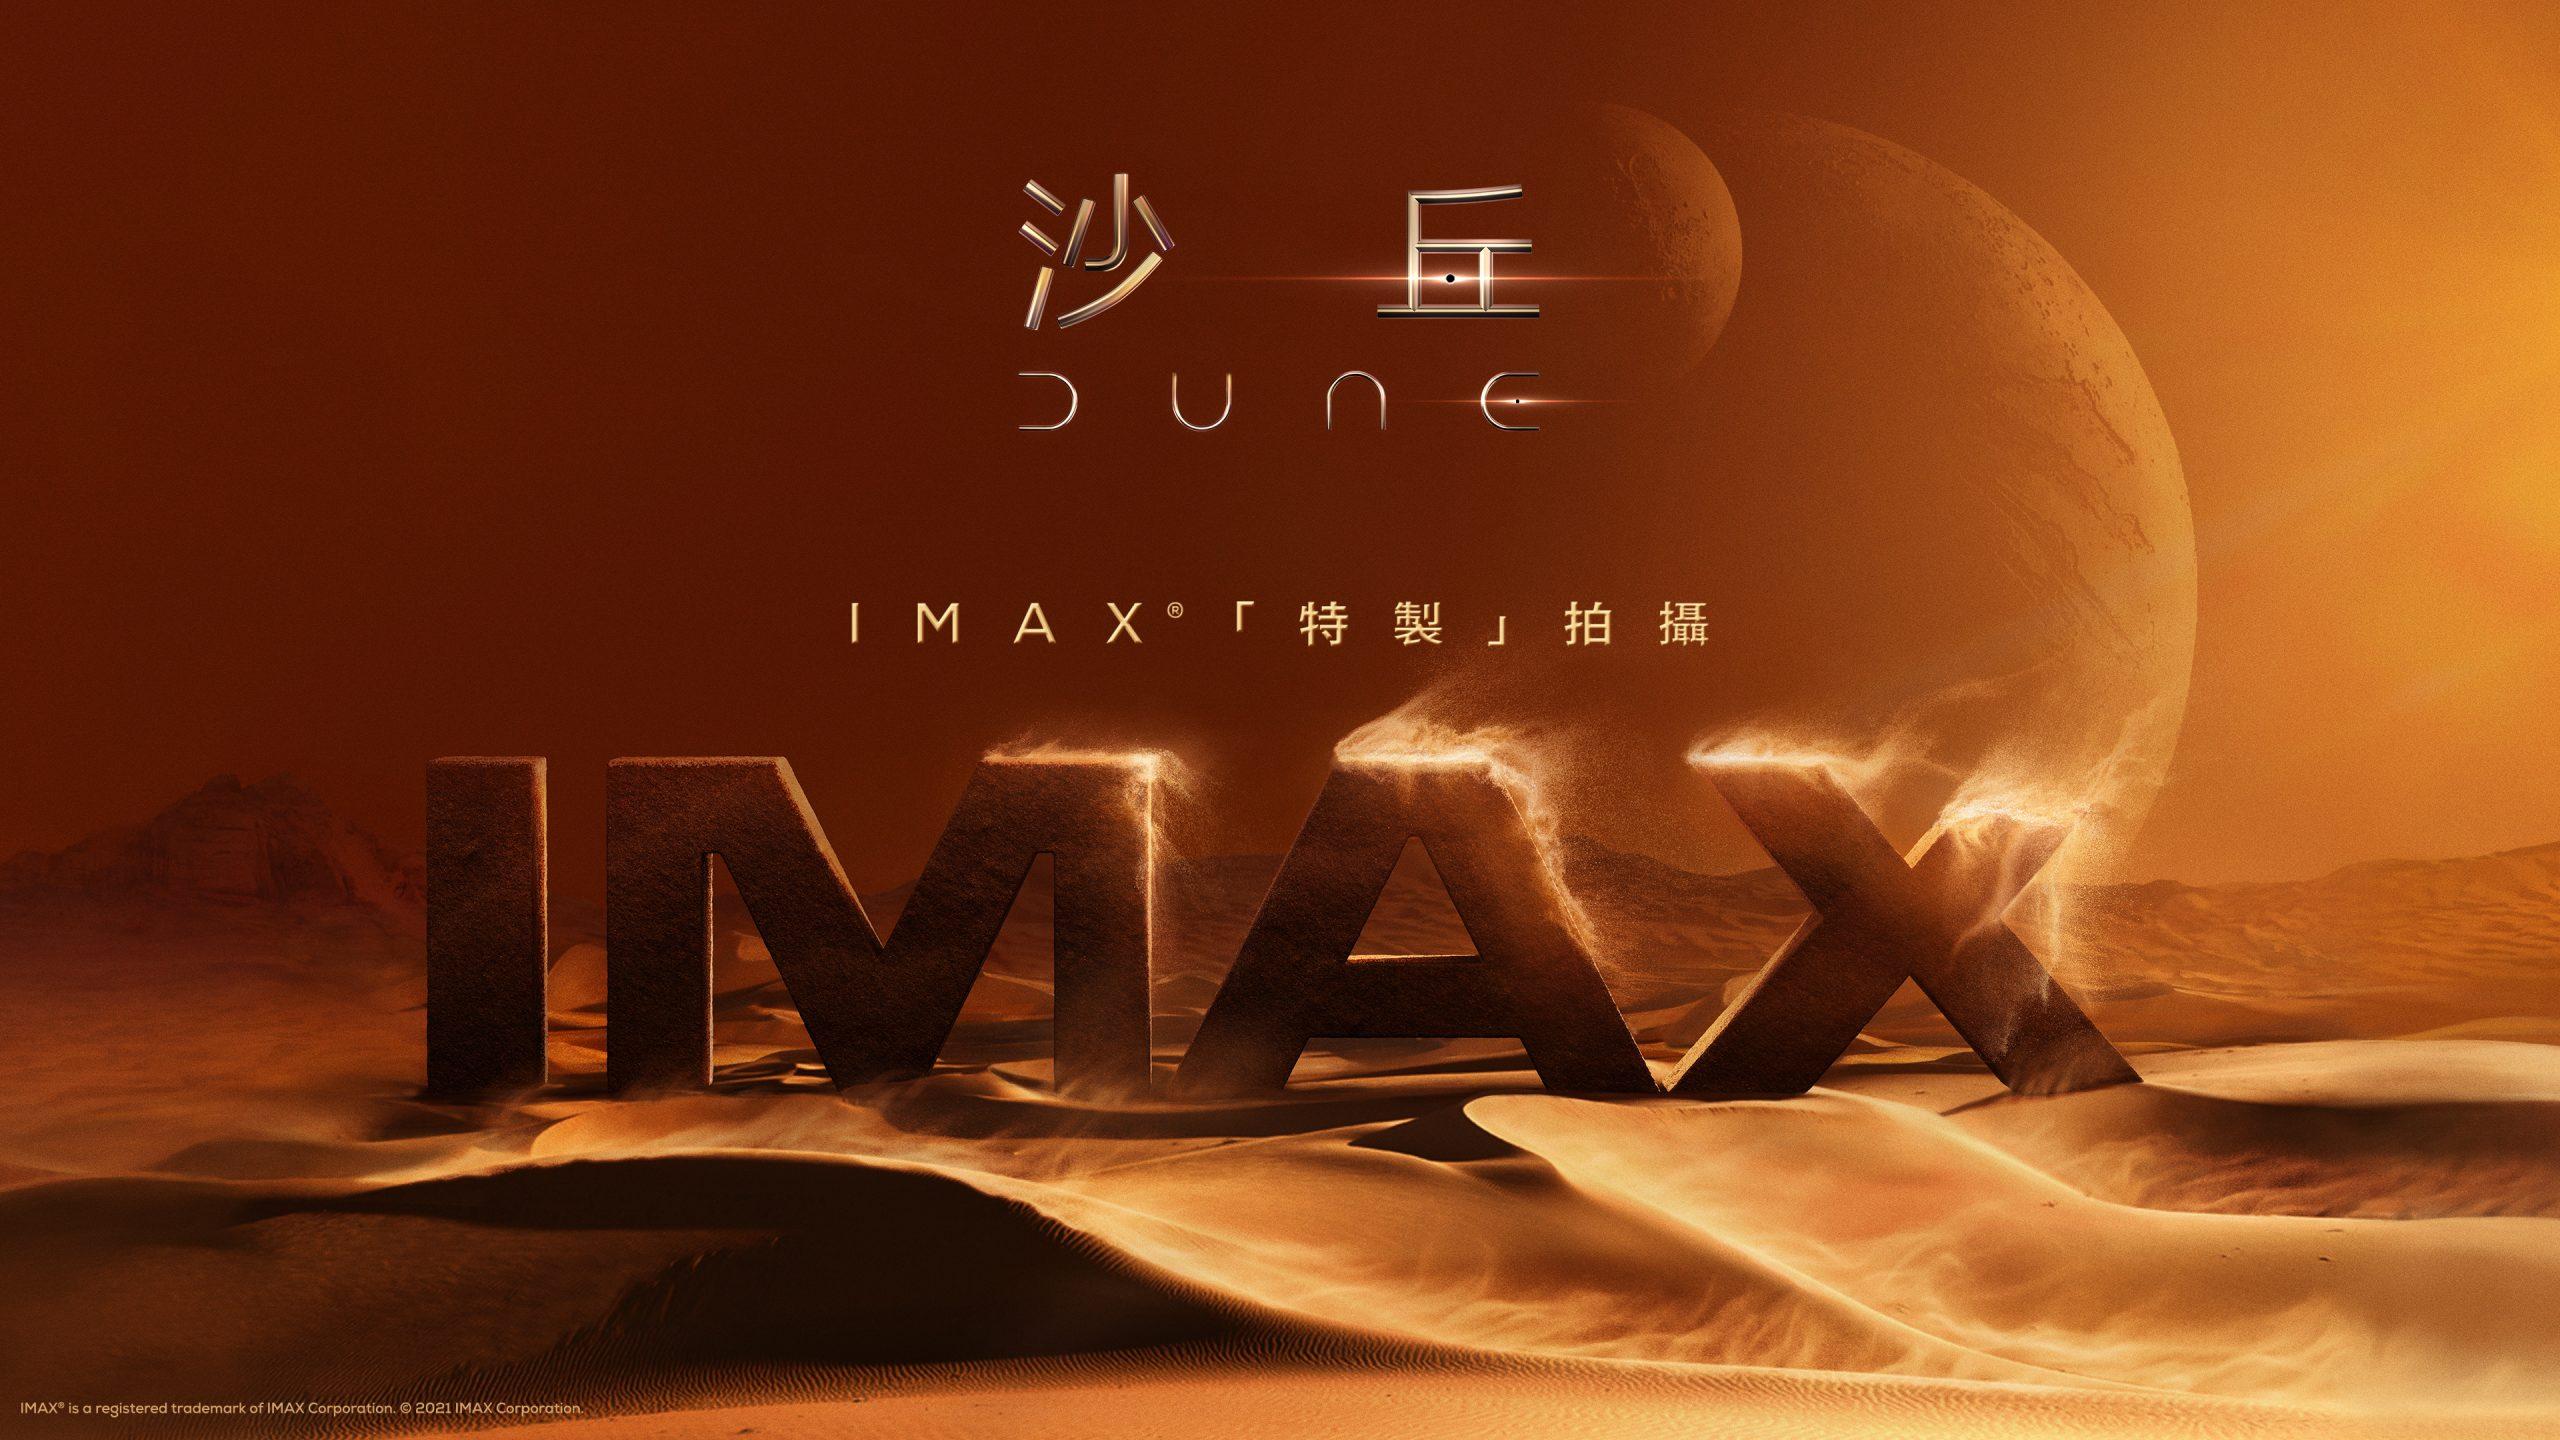 2021必進IMAX看的電影《沙丘》9/16中秋檔期上映~超越想像的視聽震撼! @美食好芃友